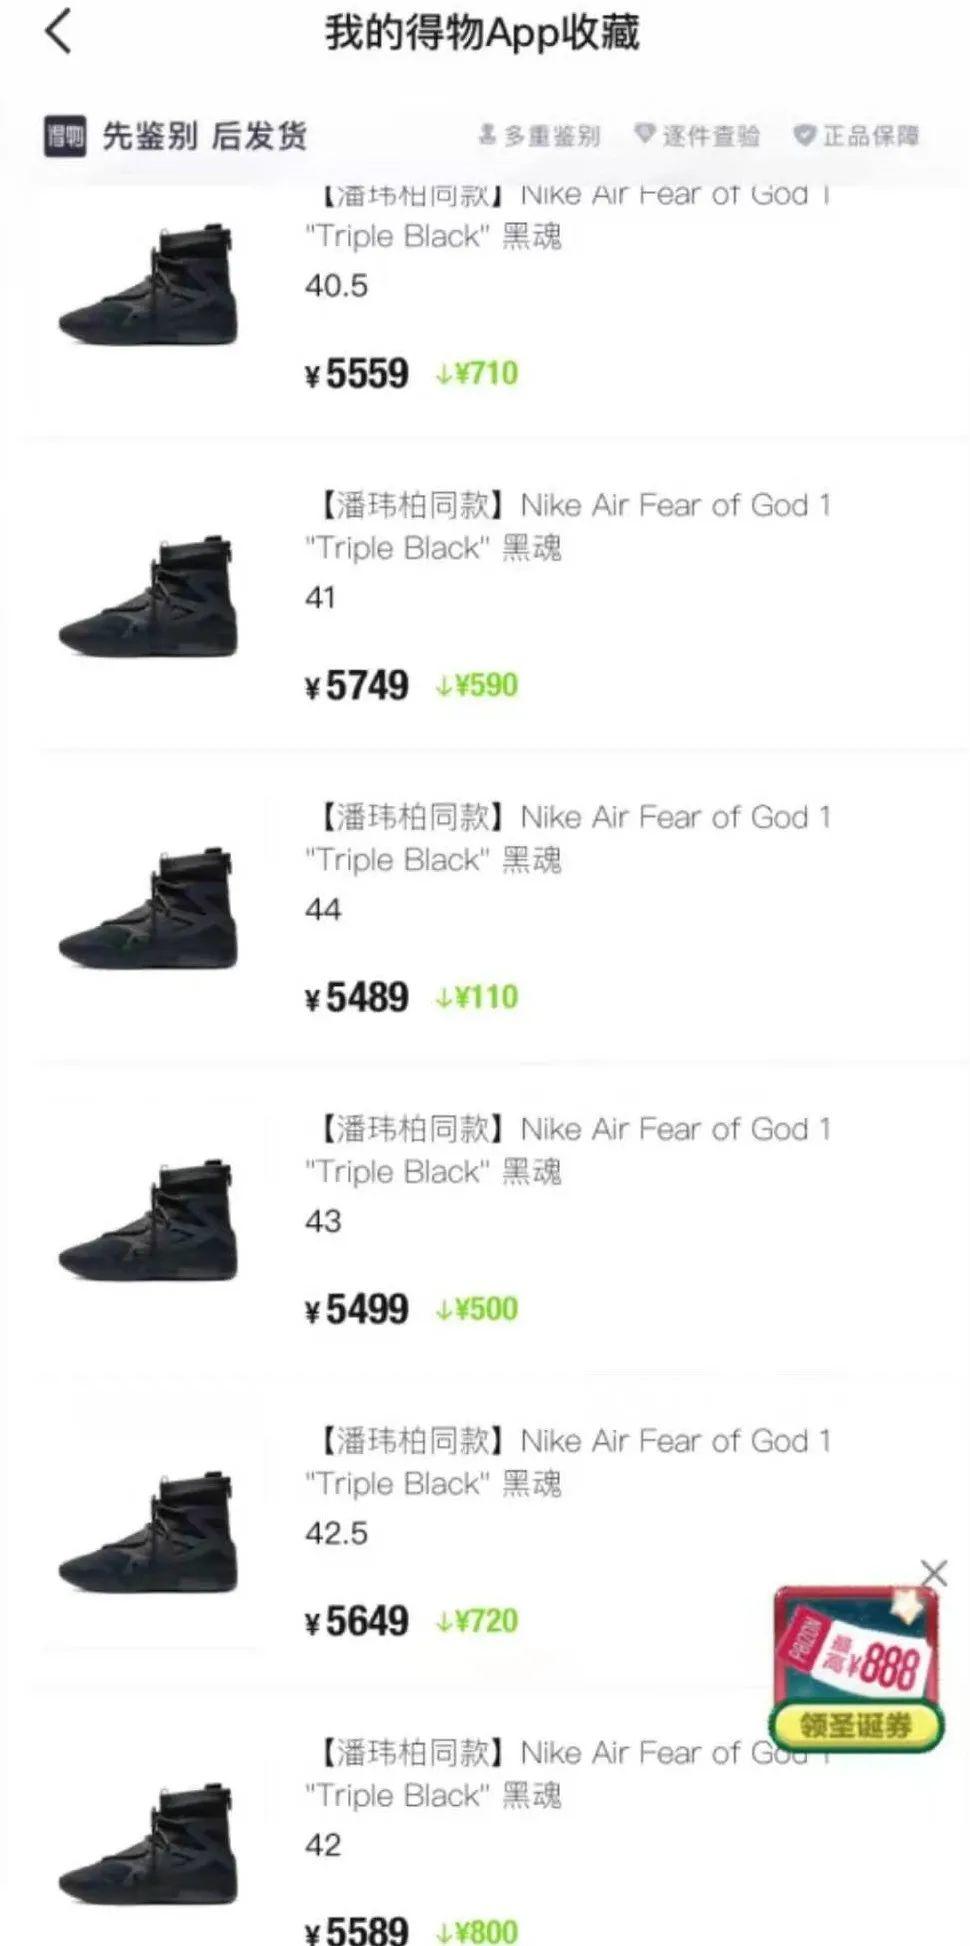 价格暴跌, 昨天冲FOG的鞋贩子哀嚎: 我赔你钱你别给我发货!